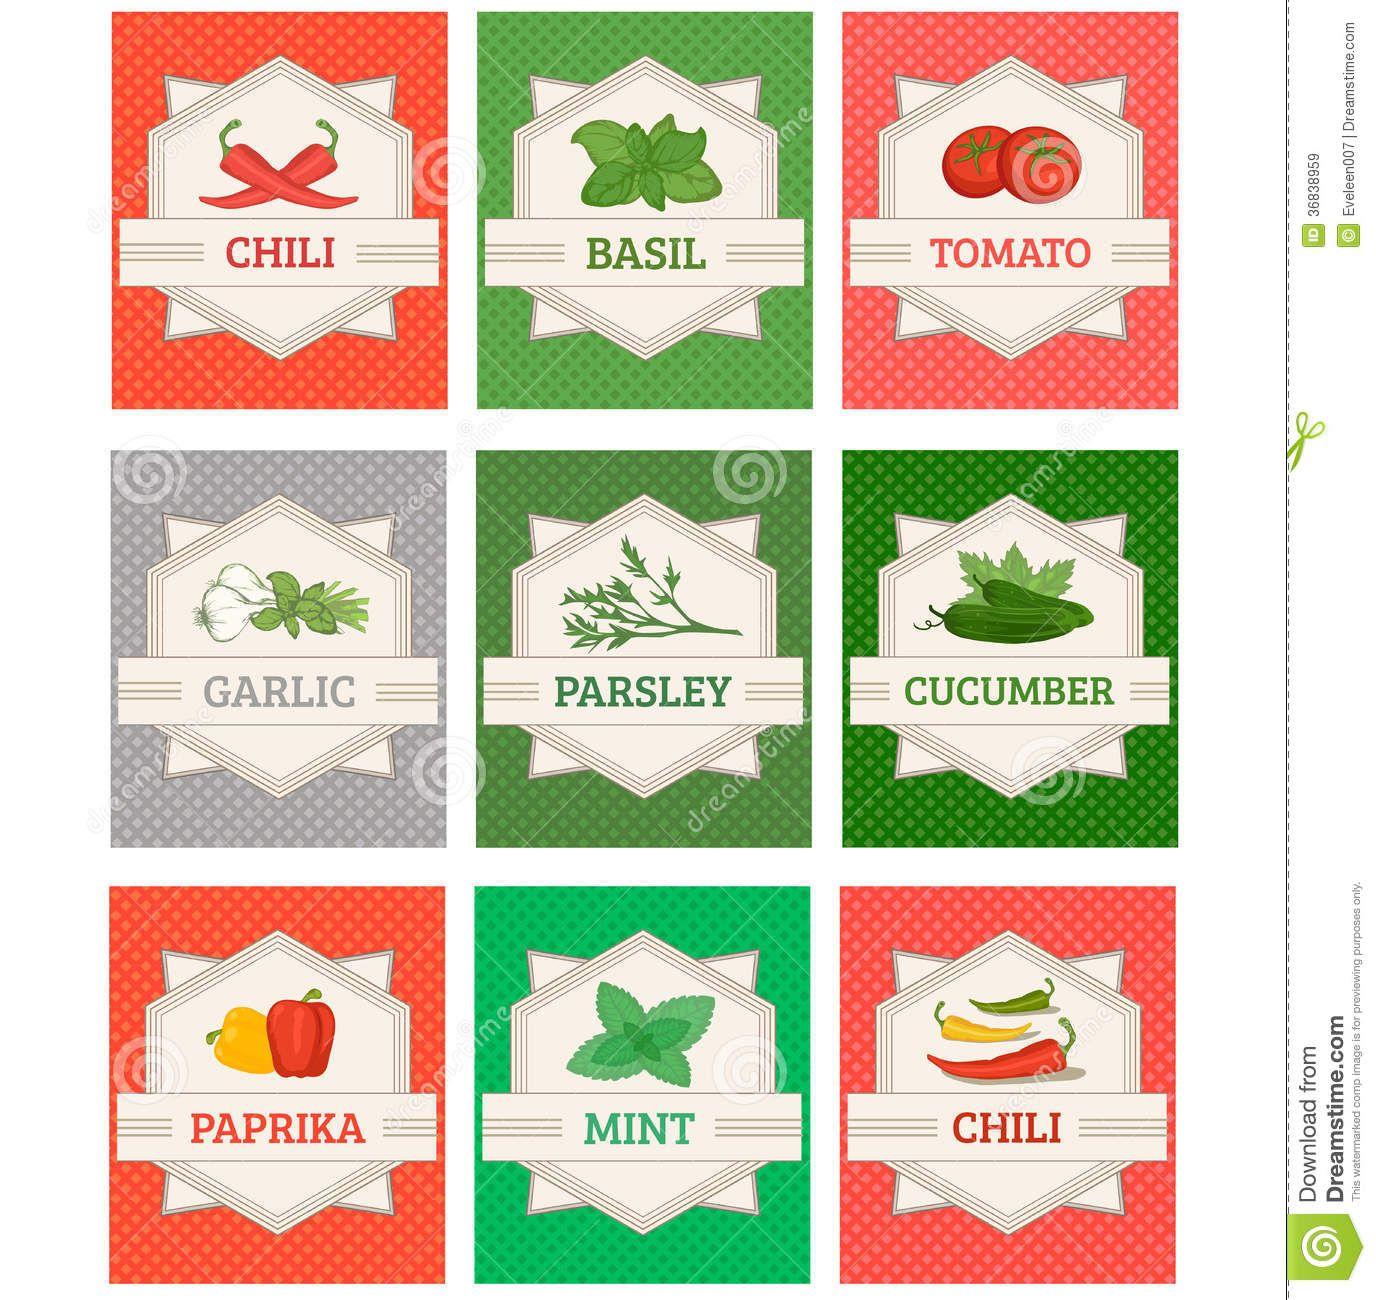 etiquetas para condimentos de cocina - Buscar con Google | Hogar ...